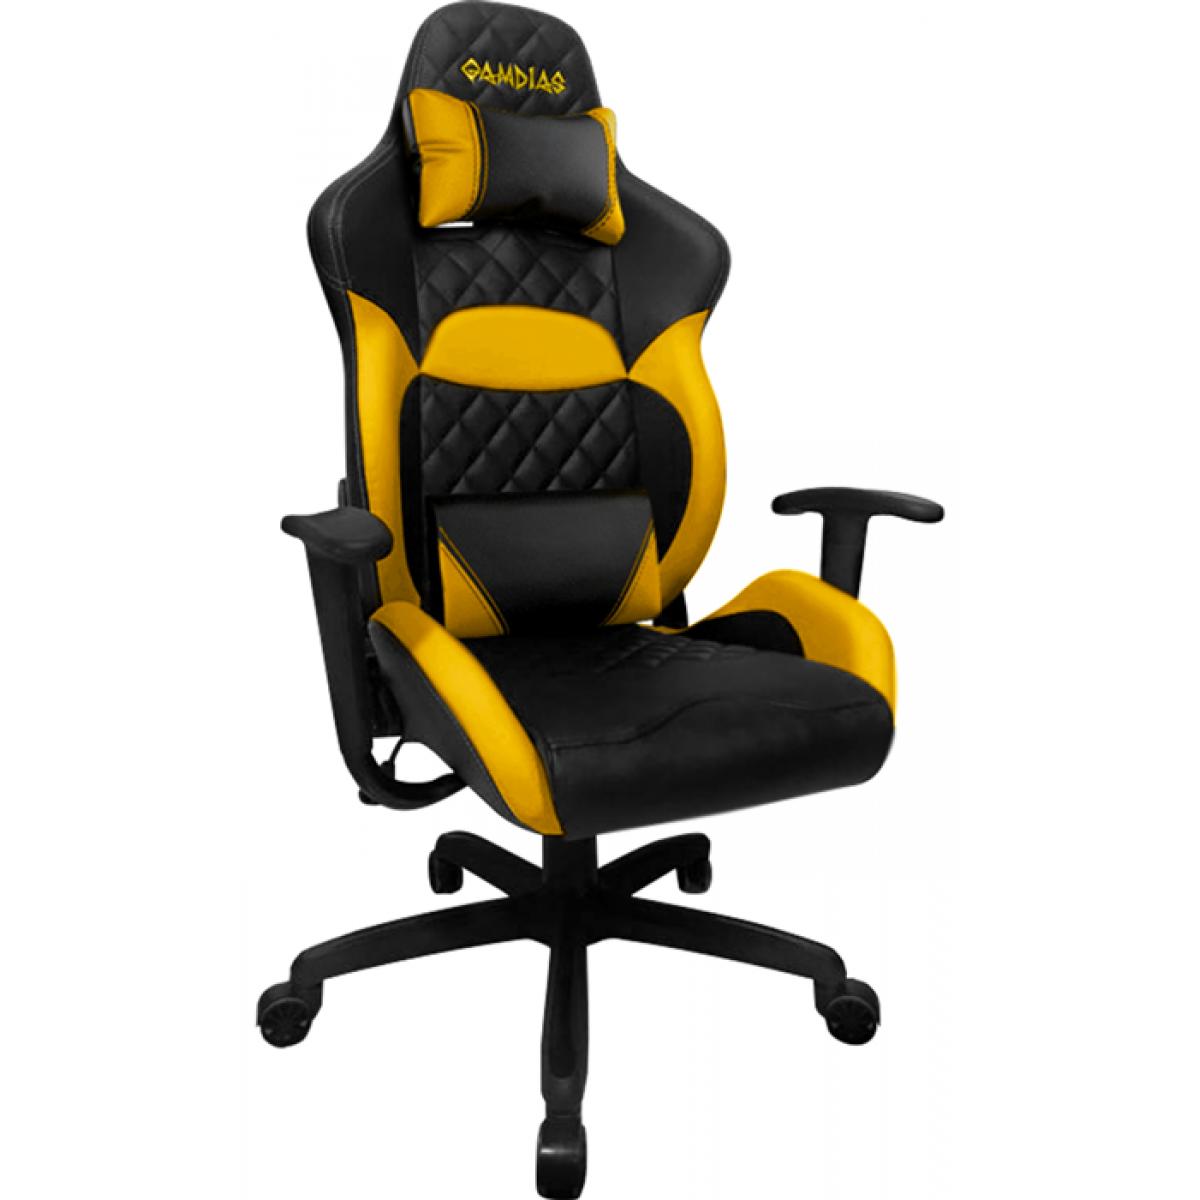 Cadeira Gamer Gamdias Zelus E1-L, Black-Yellow, GD-ZELUSE1LBY